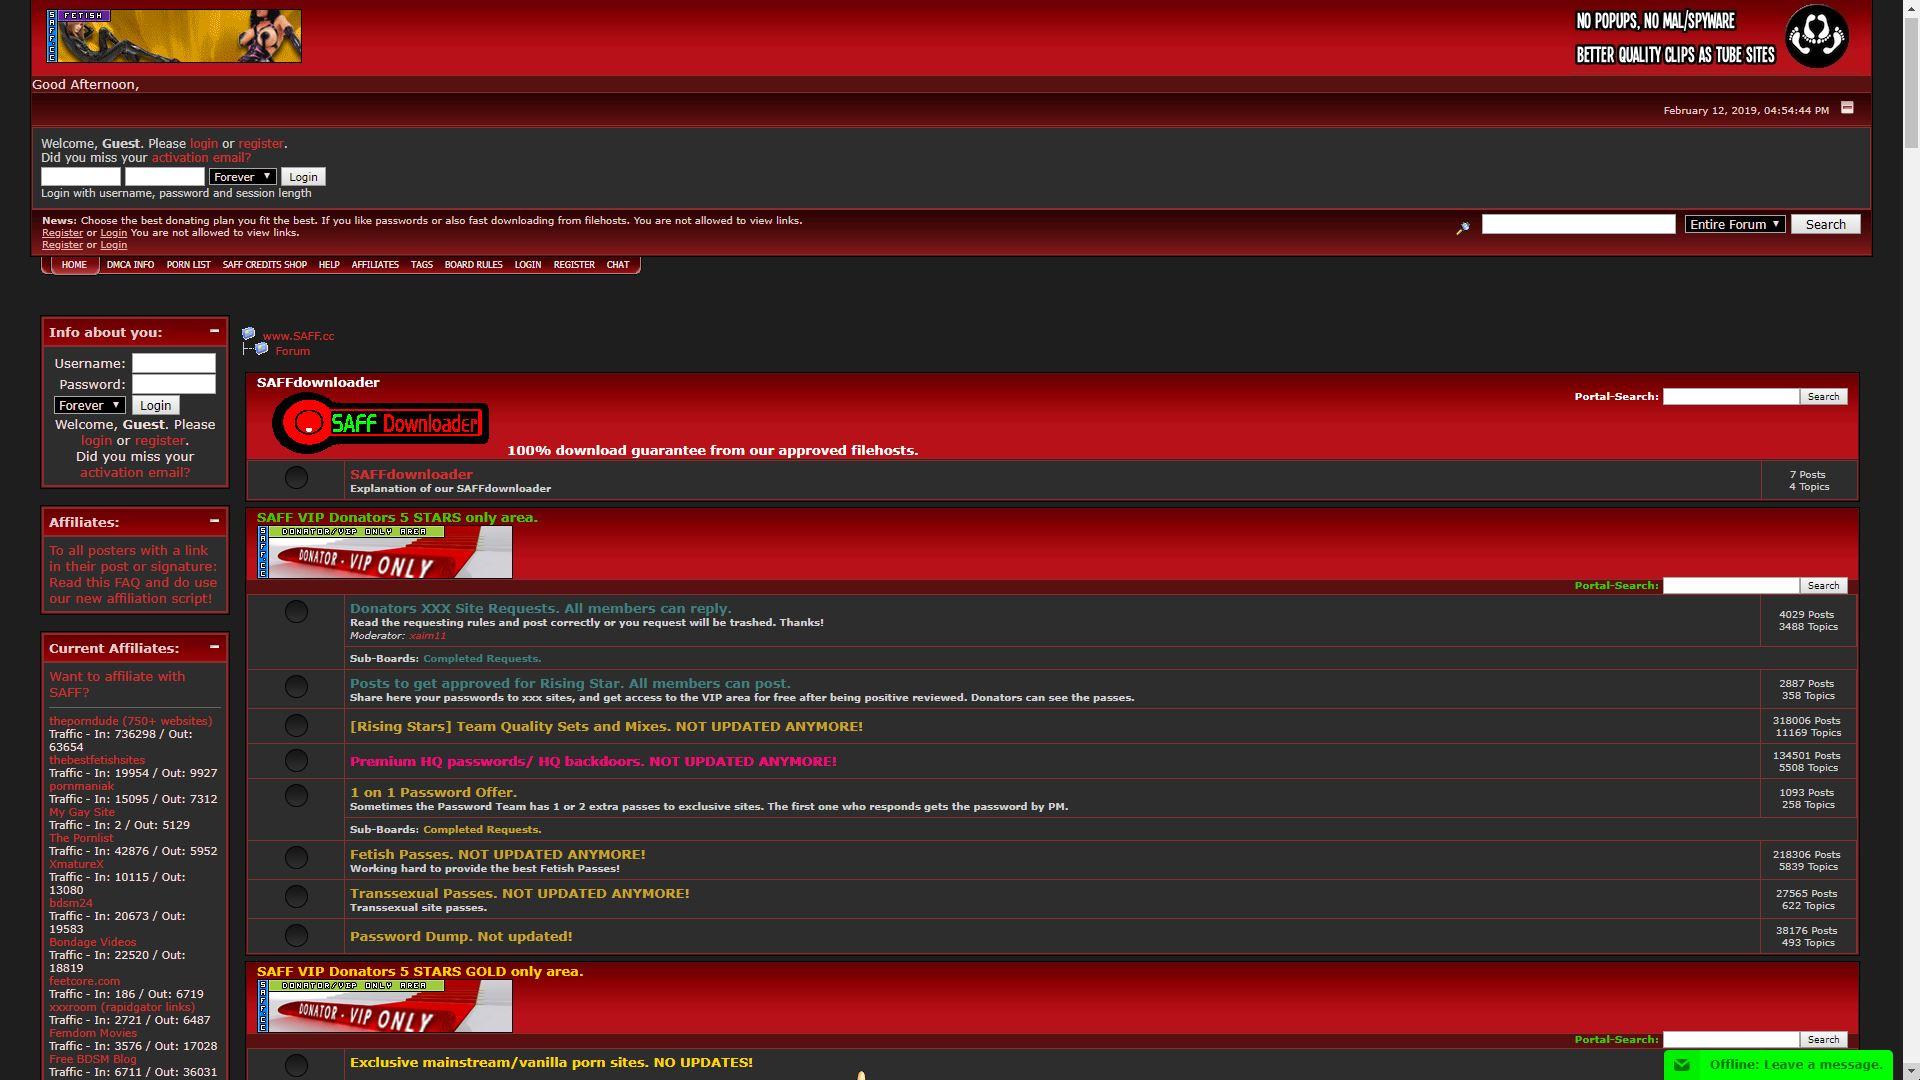 SAFF Home Page